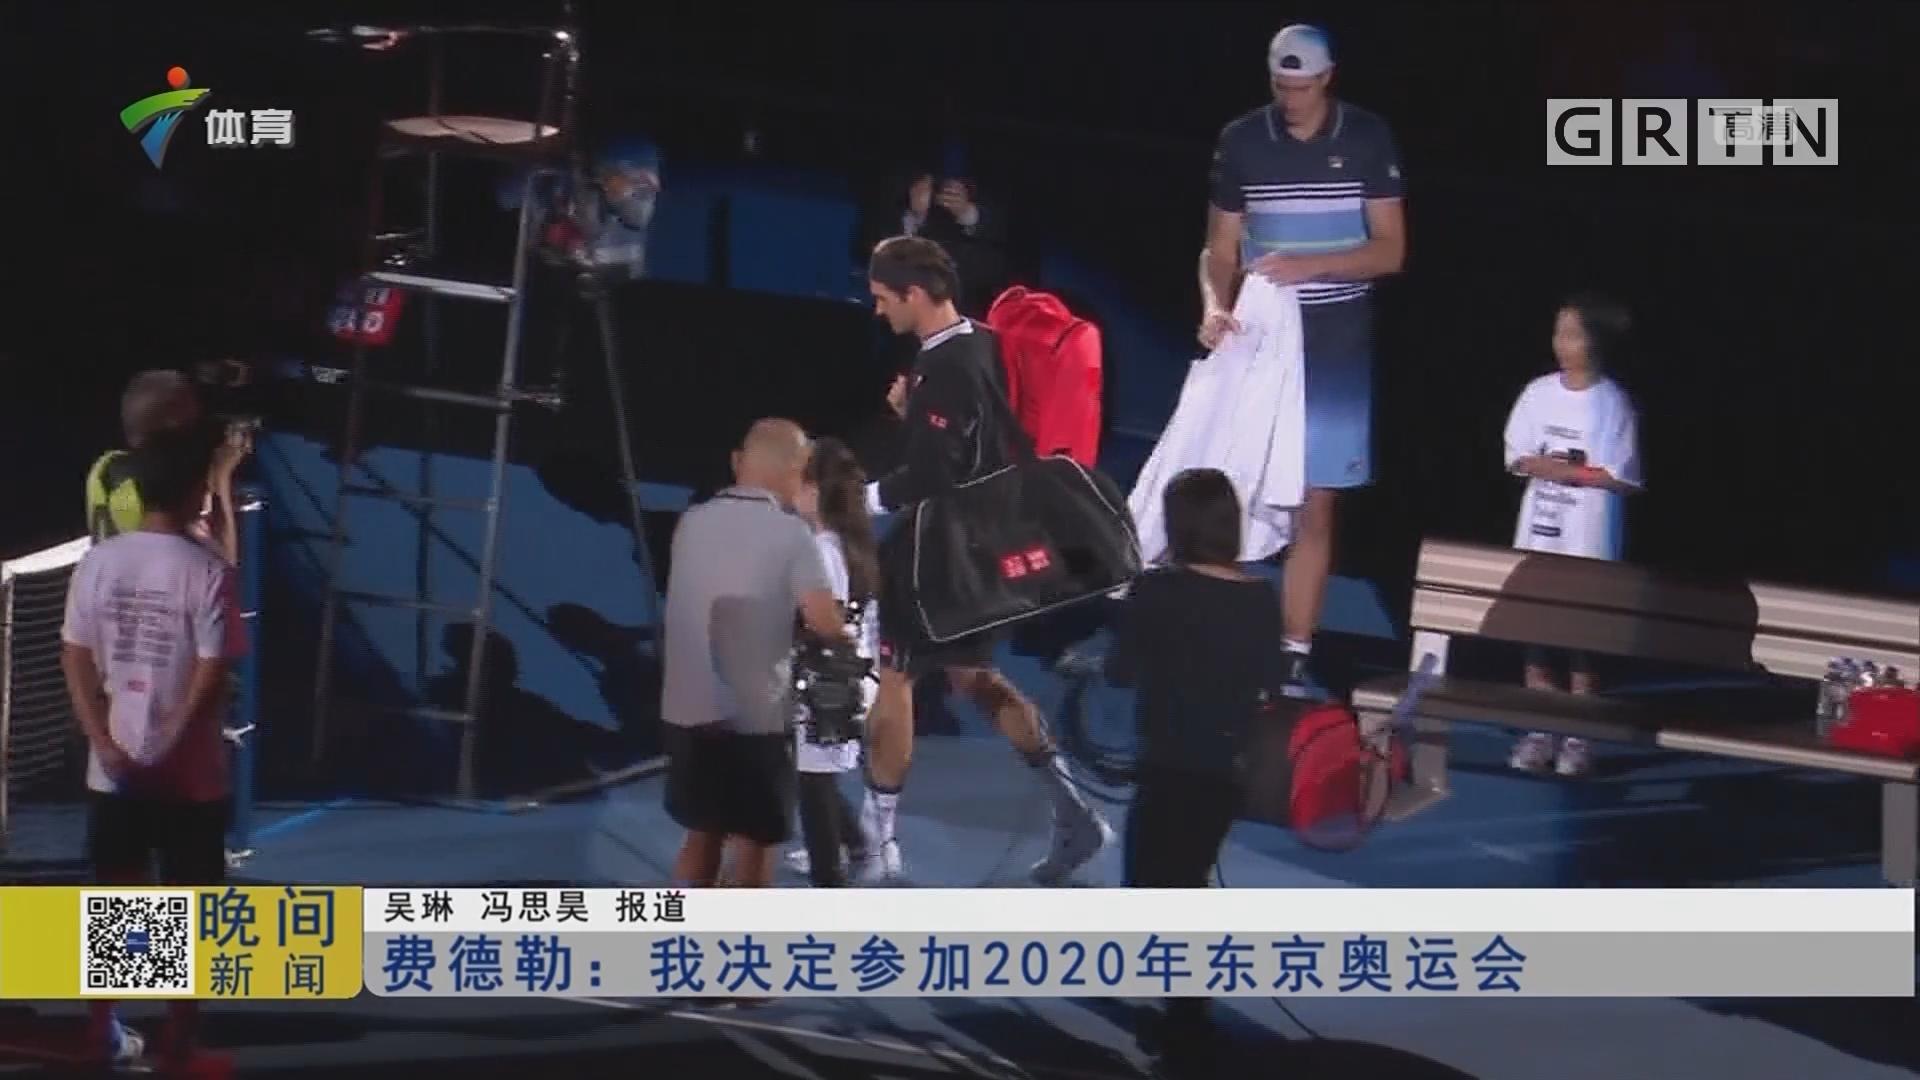 費德勒:我決定參加2020年東京奧運會